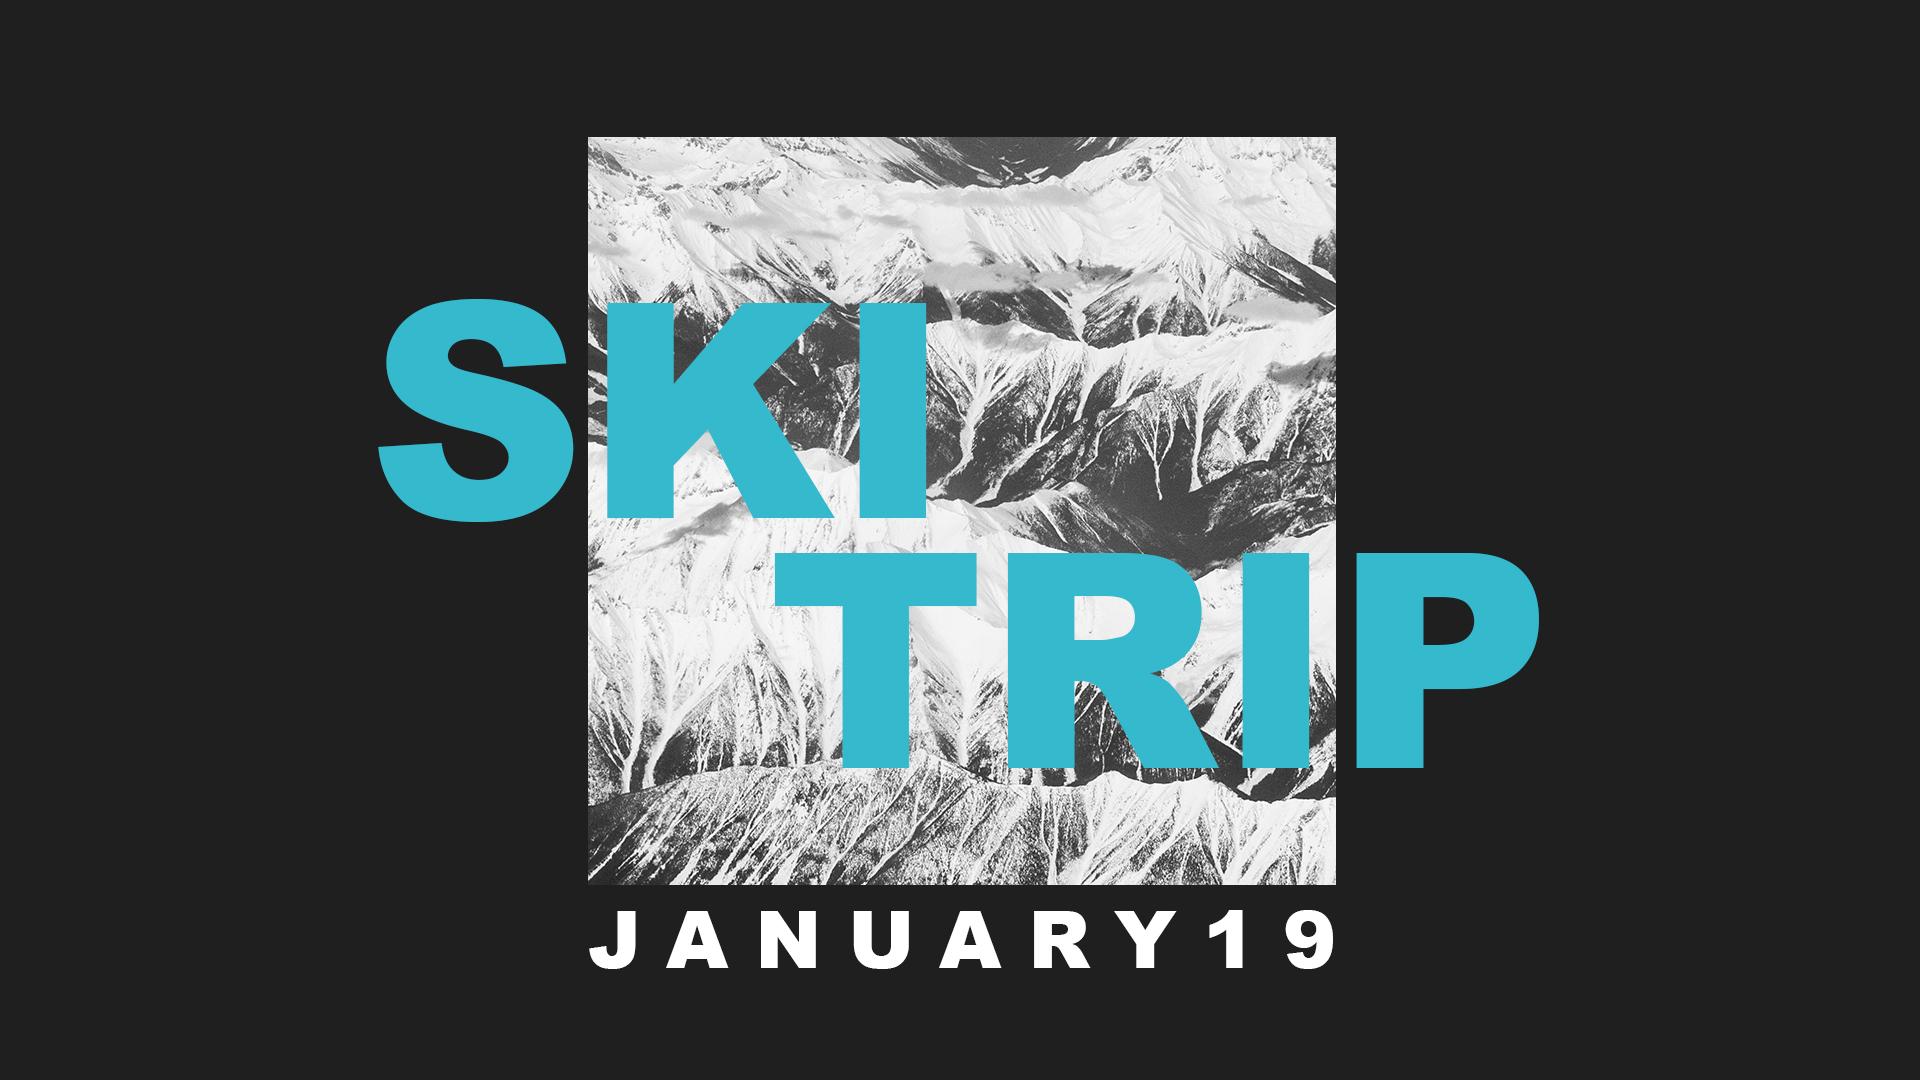 Ski trip 4